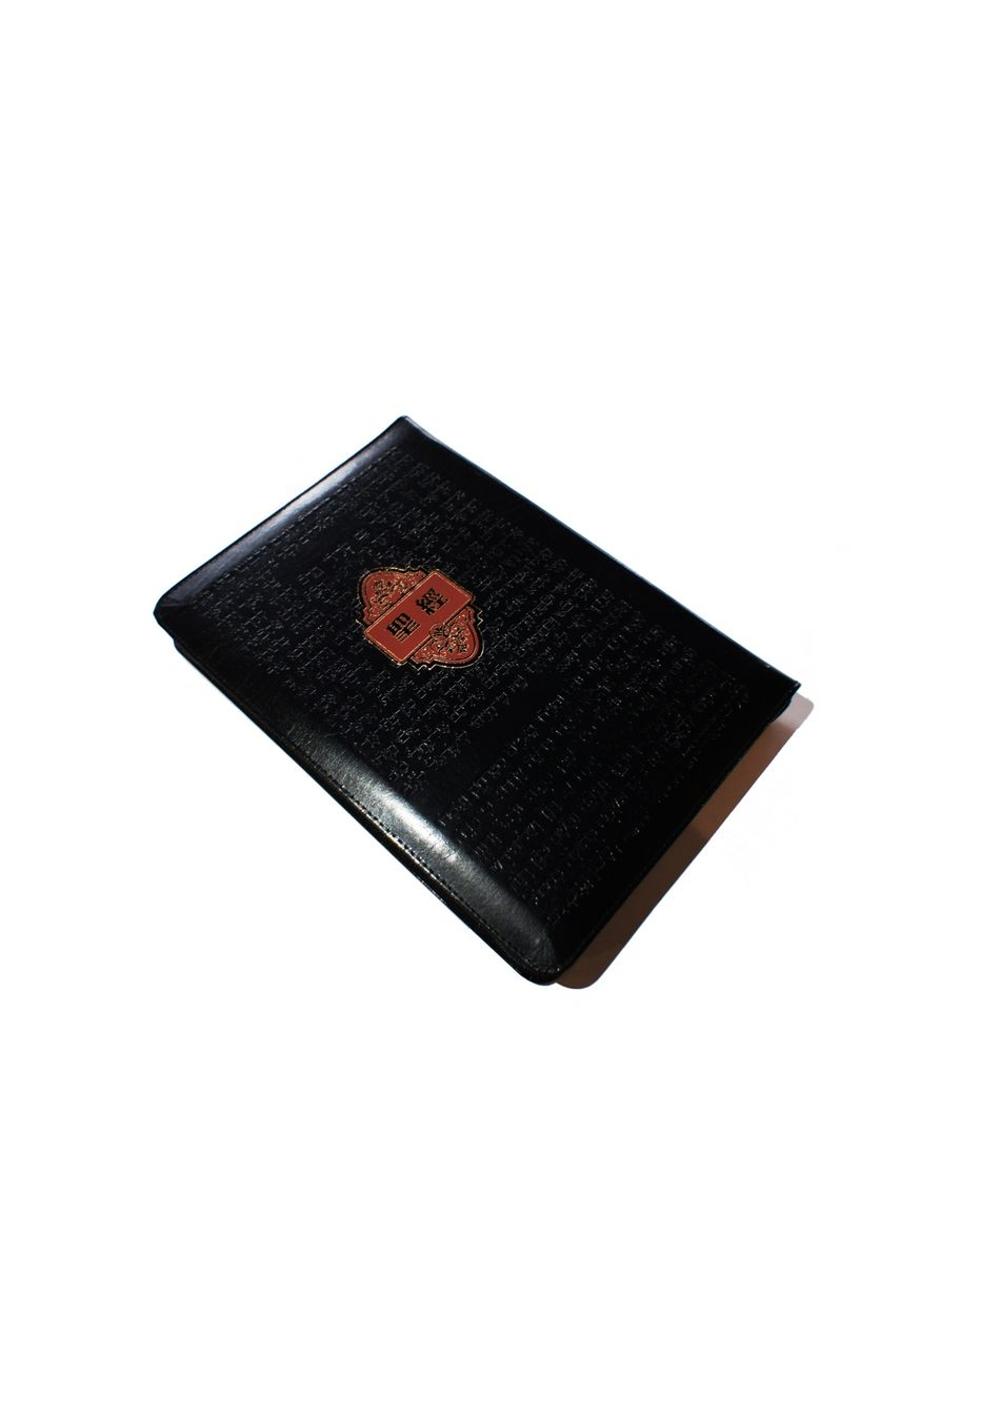 聖經:和合本皮面拉鍊大字新標(黑金)